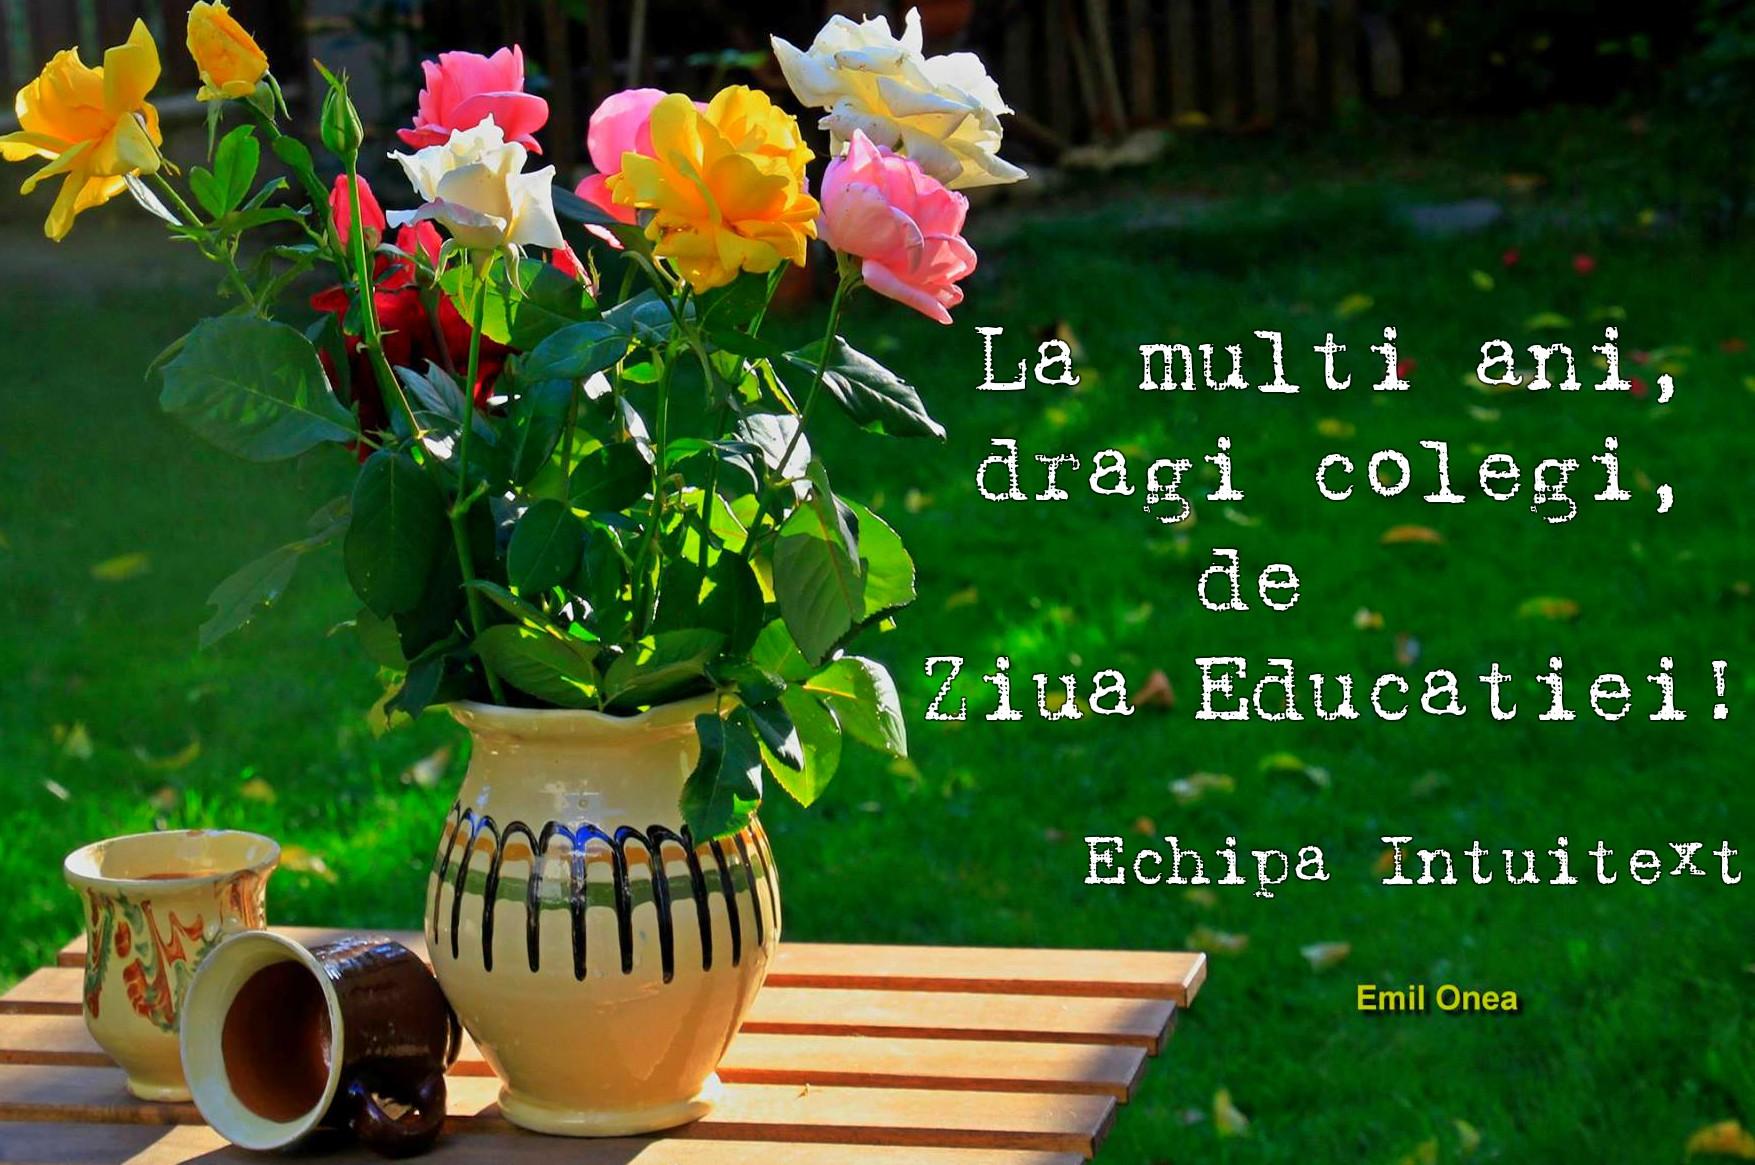 Ziua Educatiei